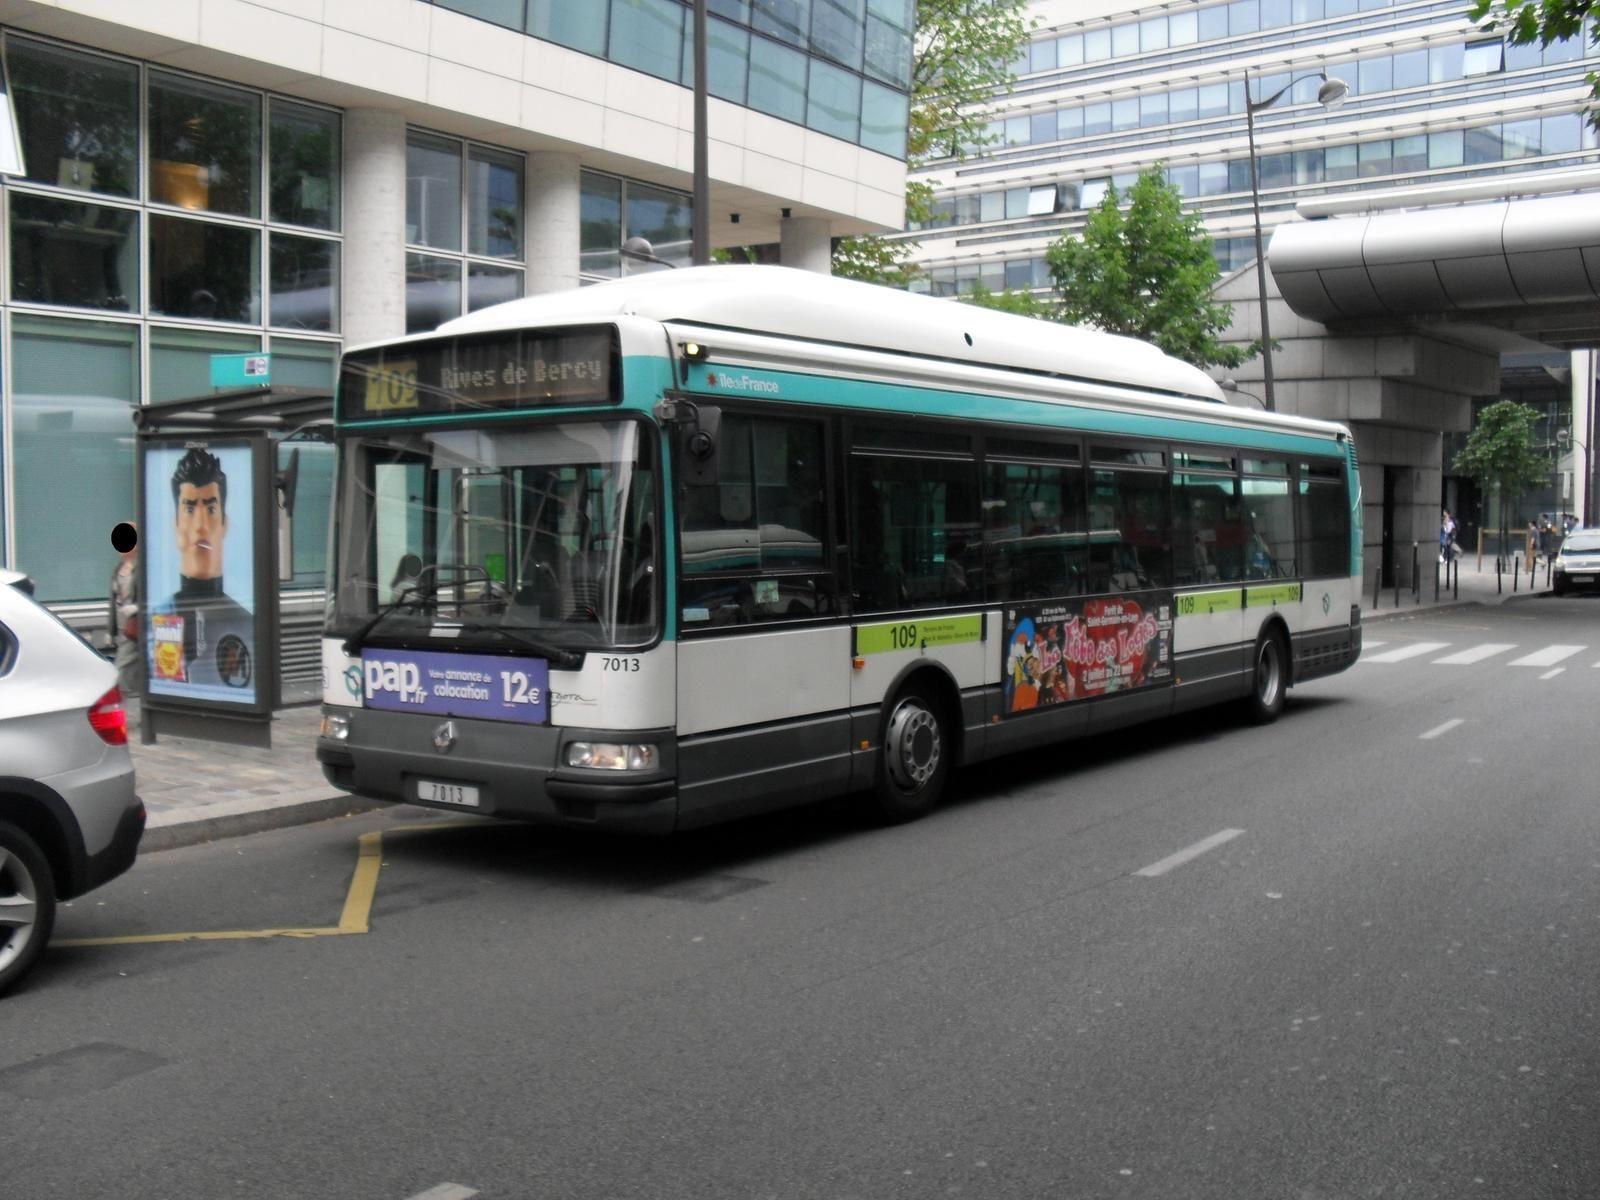 la ligne de bus ratp 109  la ligne la plus discr u00e8te du centre